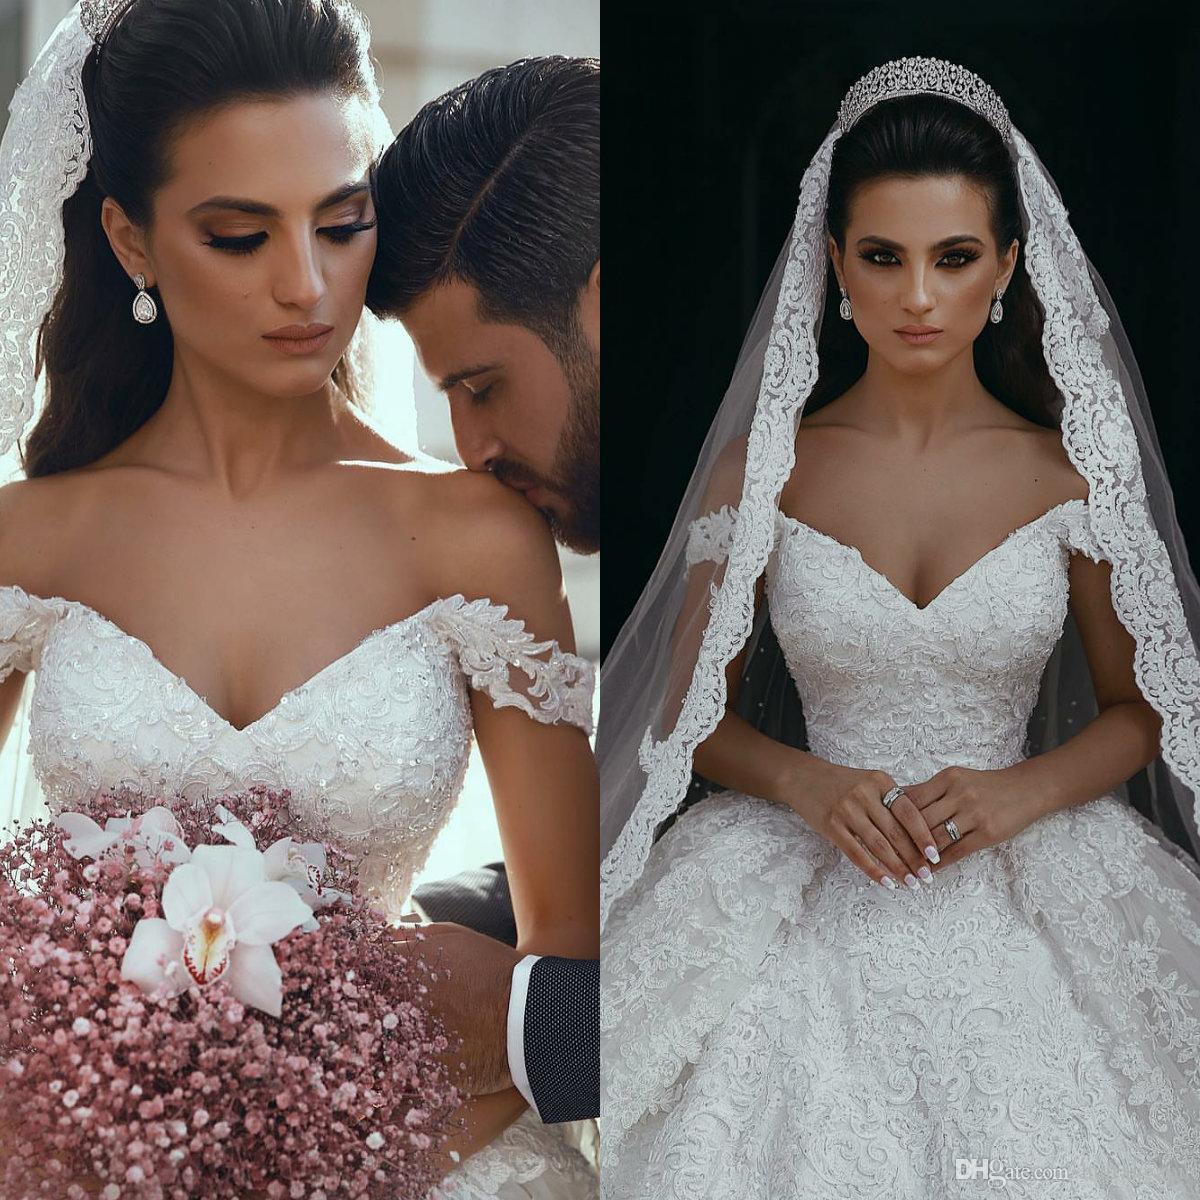 2019 빈티지 디자이너 웨딩 드레스 숄더 앙코르 비즈 오프 Mhamad 신부 드레스 럭셔리 스팽글 웨딩 드레스 플러스 사이즈